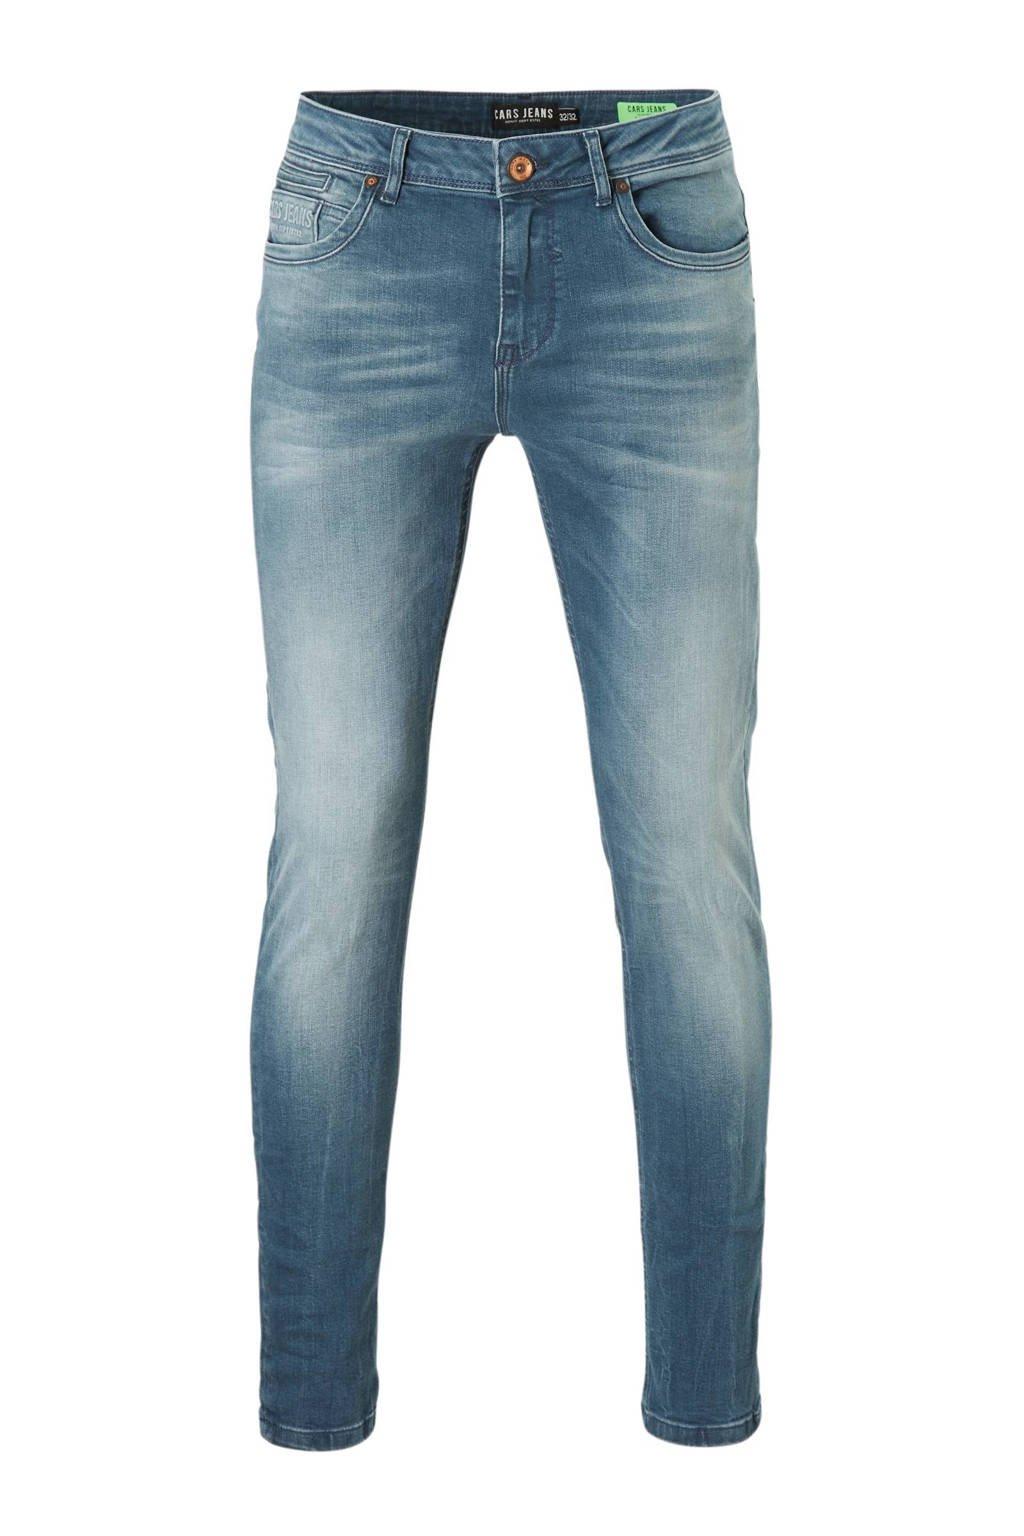 Cars Blast slim fit jeans, Lion Blue